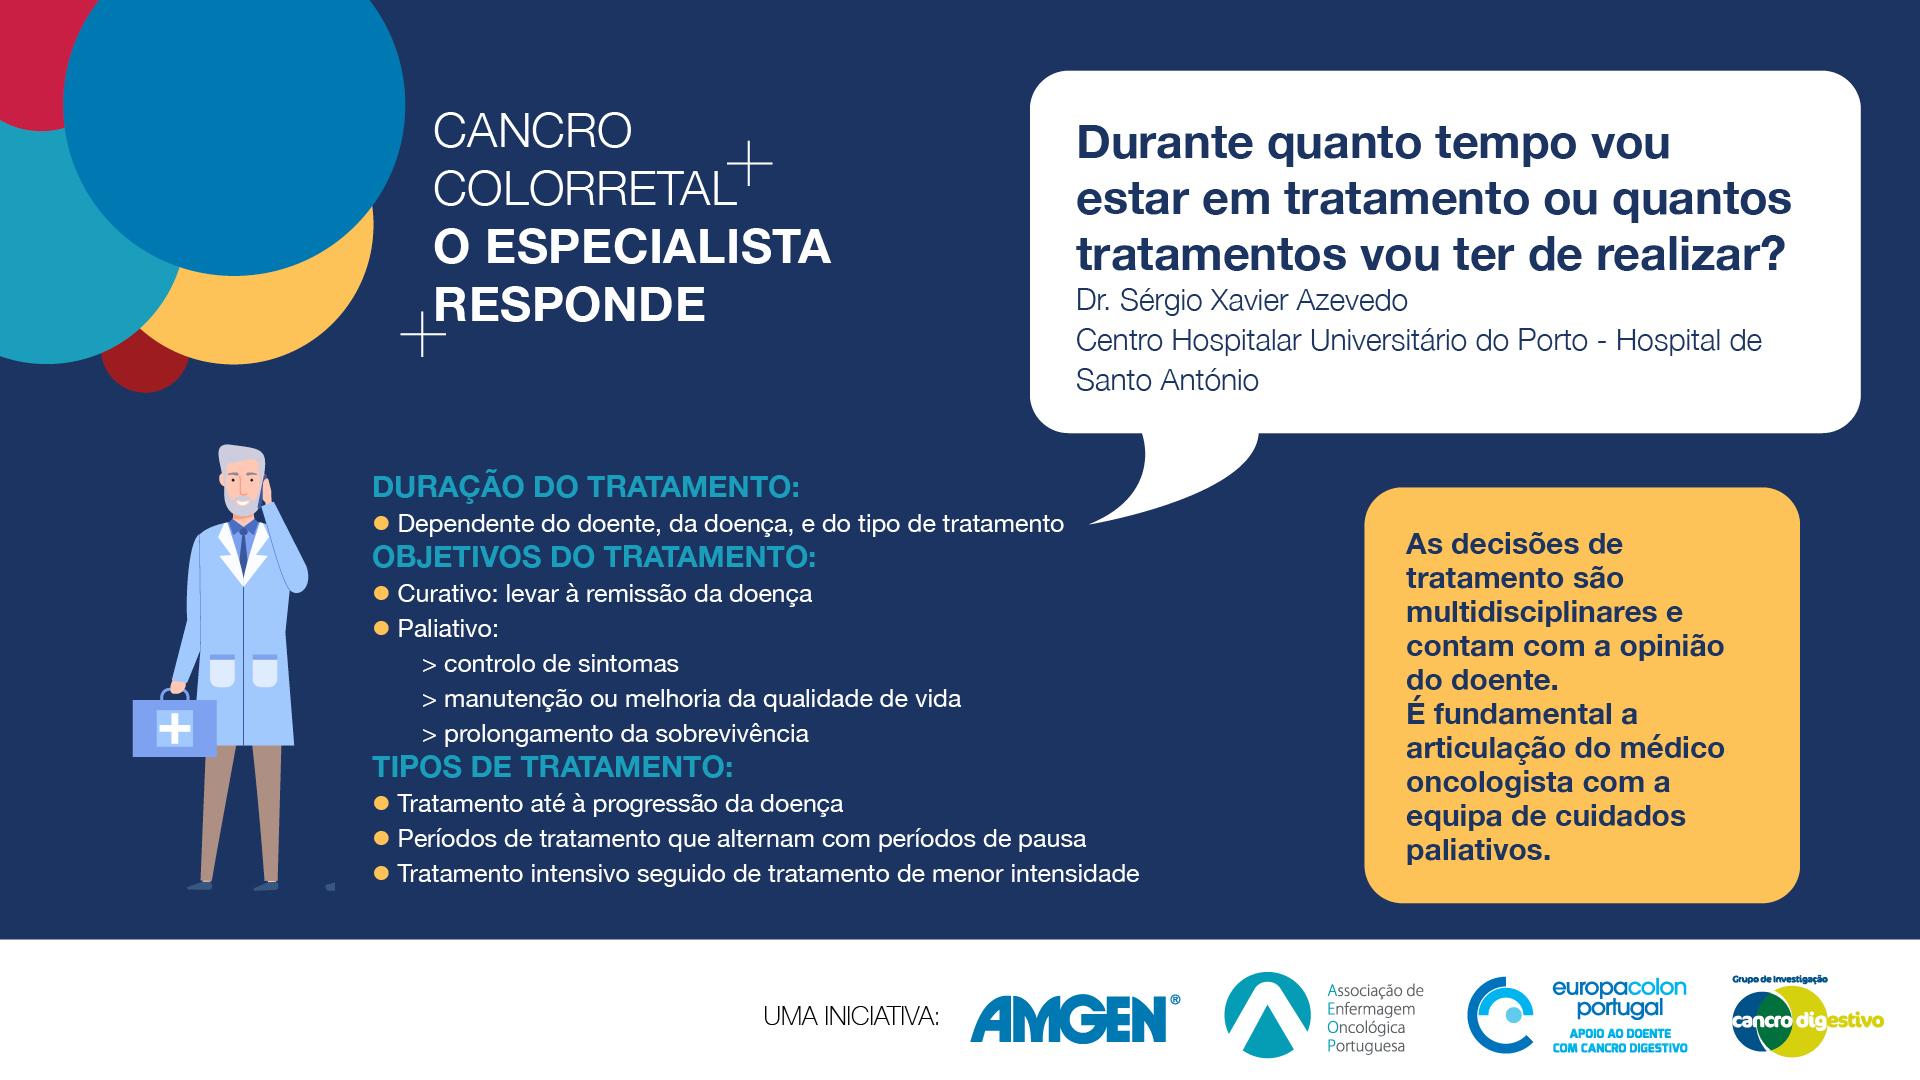 AMGEN cancro colorretal palavra de meüdico6